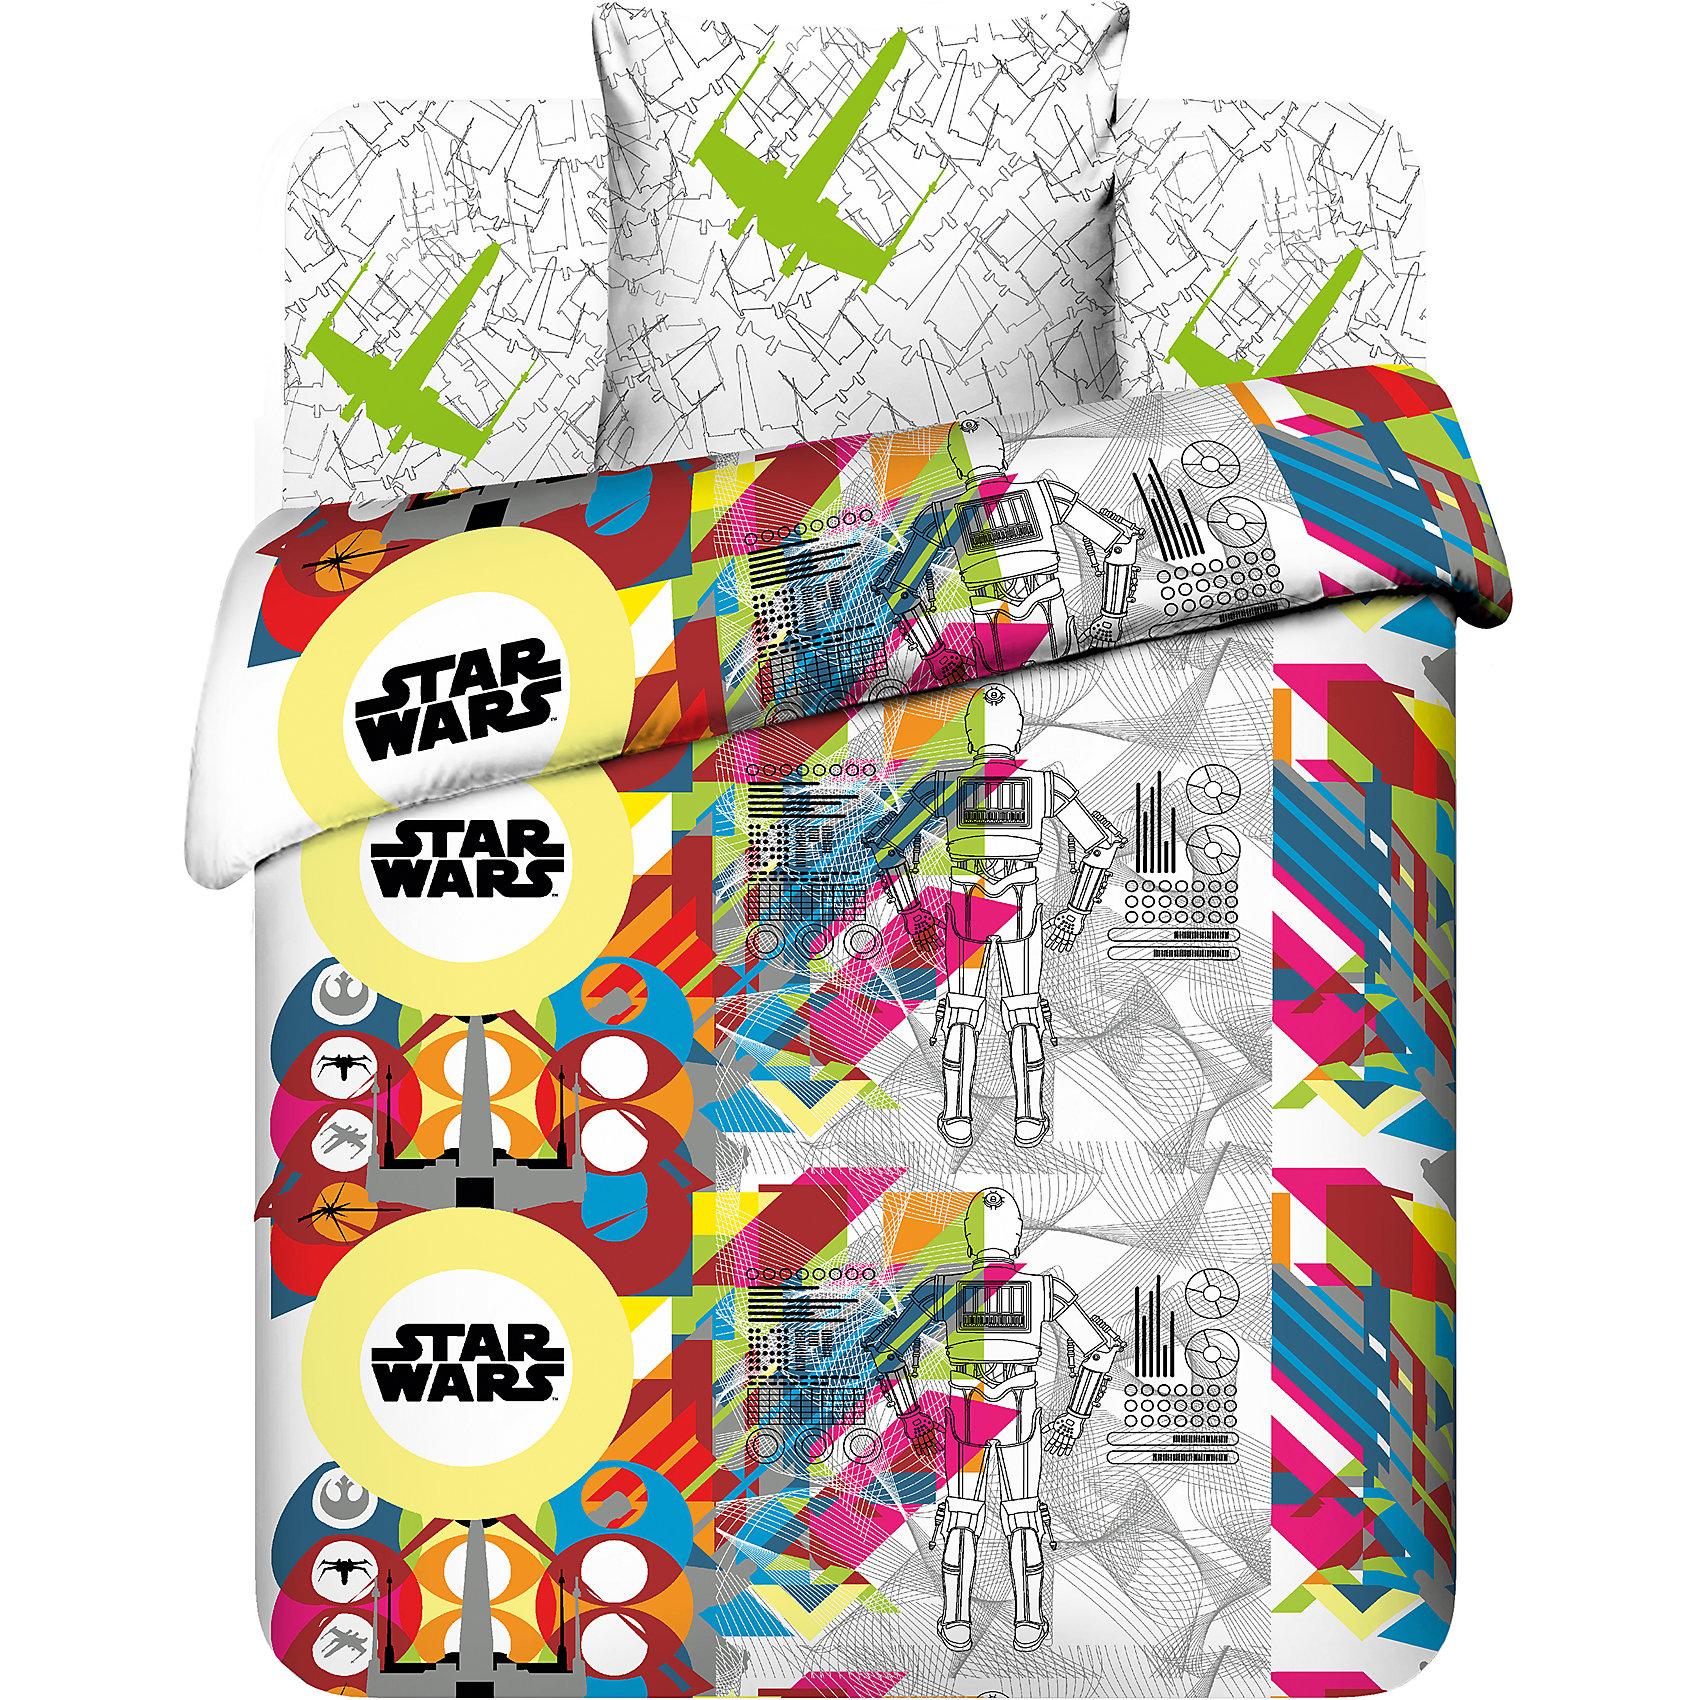 Комплект Светлая сторона 1,5-спальный (наволочка70х70), Star WarsДомашний текстиль<br>Комплект Светлая сторона 1,5-спальный (наволочка70х70), Star Wars - этот КПБ идеально подойдет для кровати вашего ребенка.<br>Постельное белье Светлая сторона обрадует юного поклонника культовой саги Звездные войны. Свежий, стильный, многогранный дизайн белья отлично впишется практически в любой интерьер. Постельное белье изготовлено из бязи (100% хлопок). Белье приятное на ощупь, отлично впитывает влагу и хорошо пропускает воздух, позволяя коже дышать. Устойчивые гипоаллергенные красители безопасны для здоровья ребенка. Белье легко стирается, гладится, сохраняет цвет и прочность даже после многочисленных стирок. На ткани не образуются катышки.<br><br>Дополнительная информация:<br><br>- Размер: 1,5 спальный<br>- В комплекте: простыня 150х214 см., пододеяльник 145х215 см., наволочка 70х70 см.<br>- Материал: бязь (100 % хлопок)<br>- Плотность ткани: 125 г/м2<br>- Размер упаковки: 28х6х28 см.<br>- Вес: 1,39 кг.<br><br>Комплект Светлая сторона 1,5-спальный (наволочка70х70), Star Wars можно купить в нашем интернет-магазине.<br><br>Ширина мм: 280<br>Глубина мм: 60<br>Высота мм: 280<br>Вес г: 1390<br>Возраст от месяцев: 84<br>Возраст до месяцев: 192<br>Пол: Унисекс<br>Возраст: Детский<br>SKU: 4645551